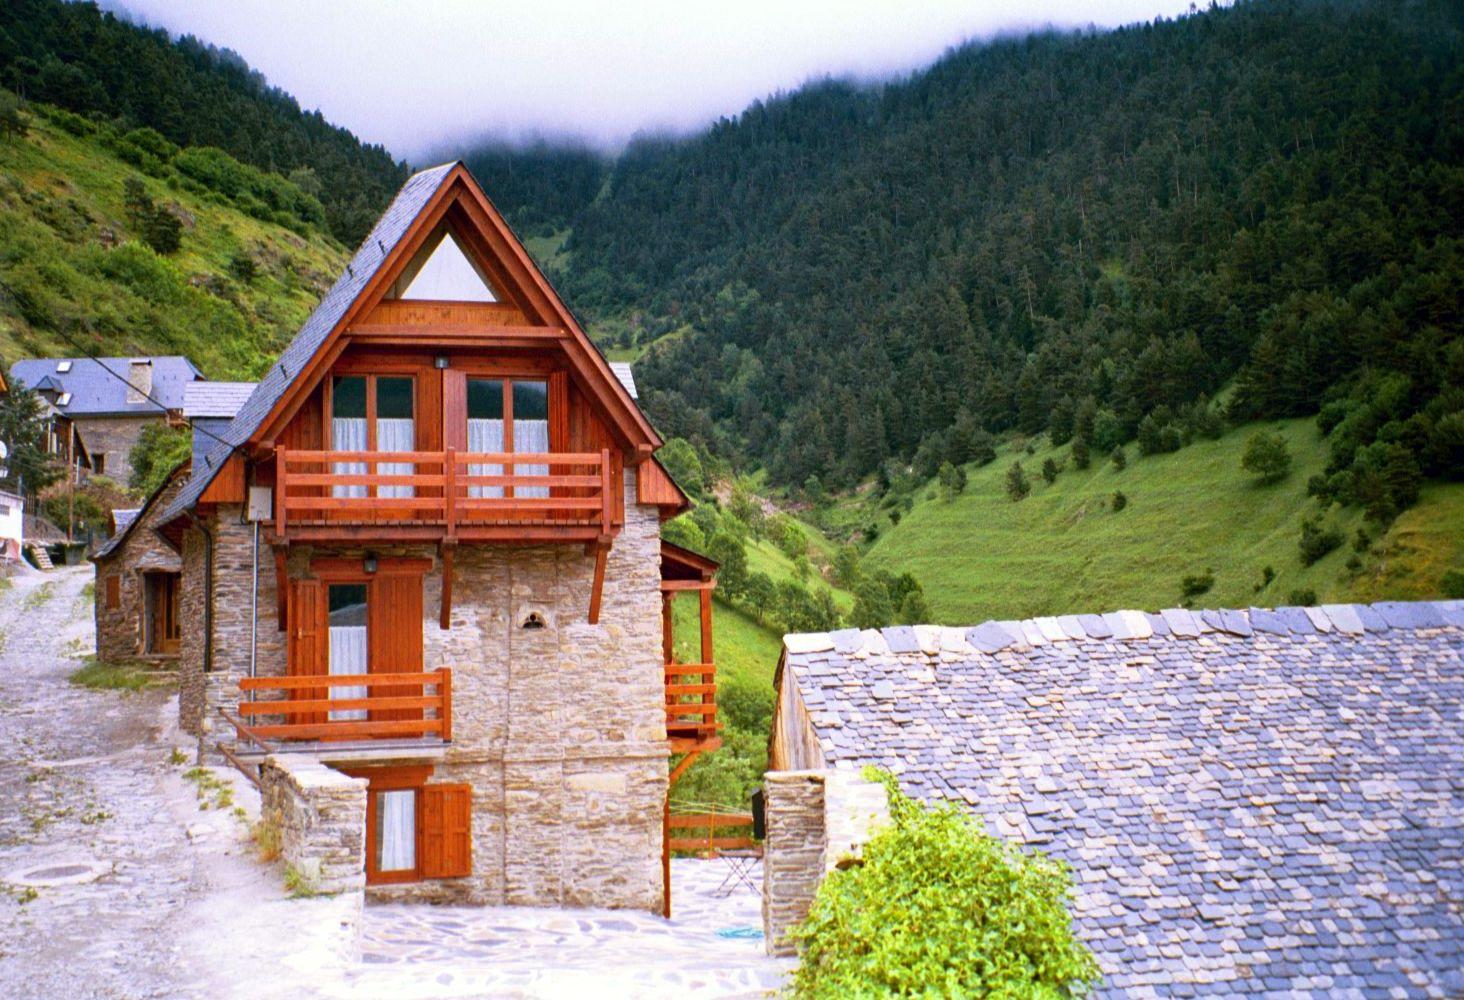 Apartamento rural apartamentos aran - Casas rurales valle de aran ...